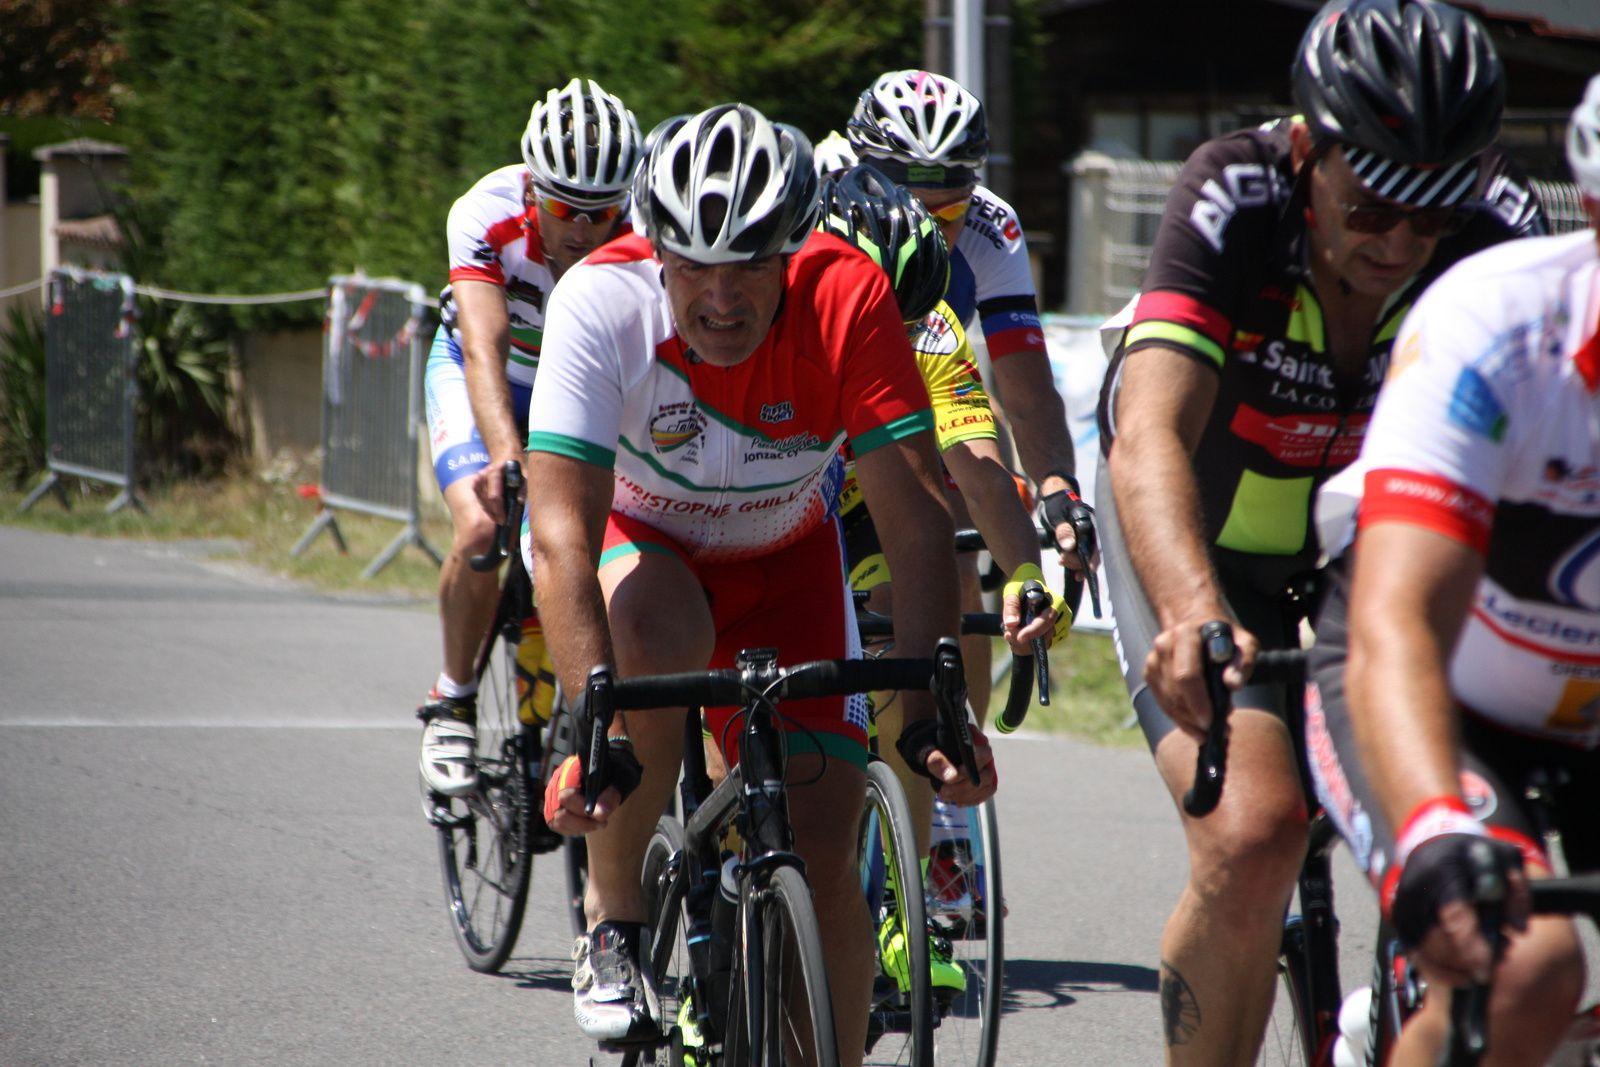 Il  reste  3  tours  un  coureur  est  sortit  seul  du  groupe  de  tête  ou  figurent  Christophe  DAVIAUD, Jean-Claude  VERREKEN, notammant.